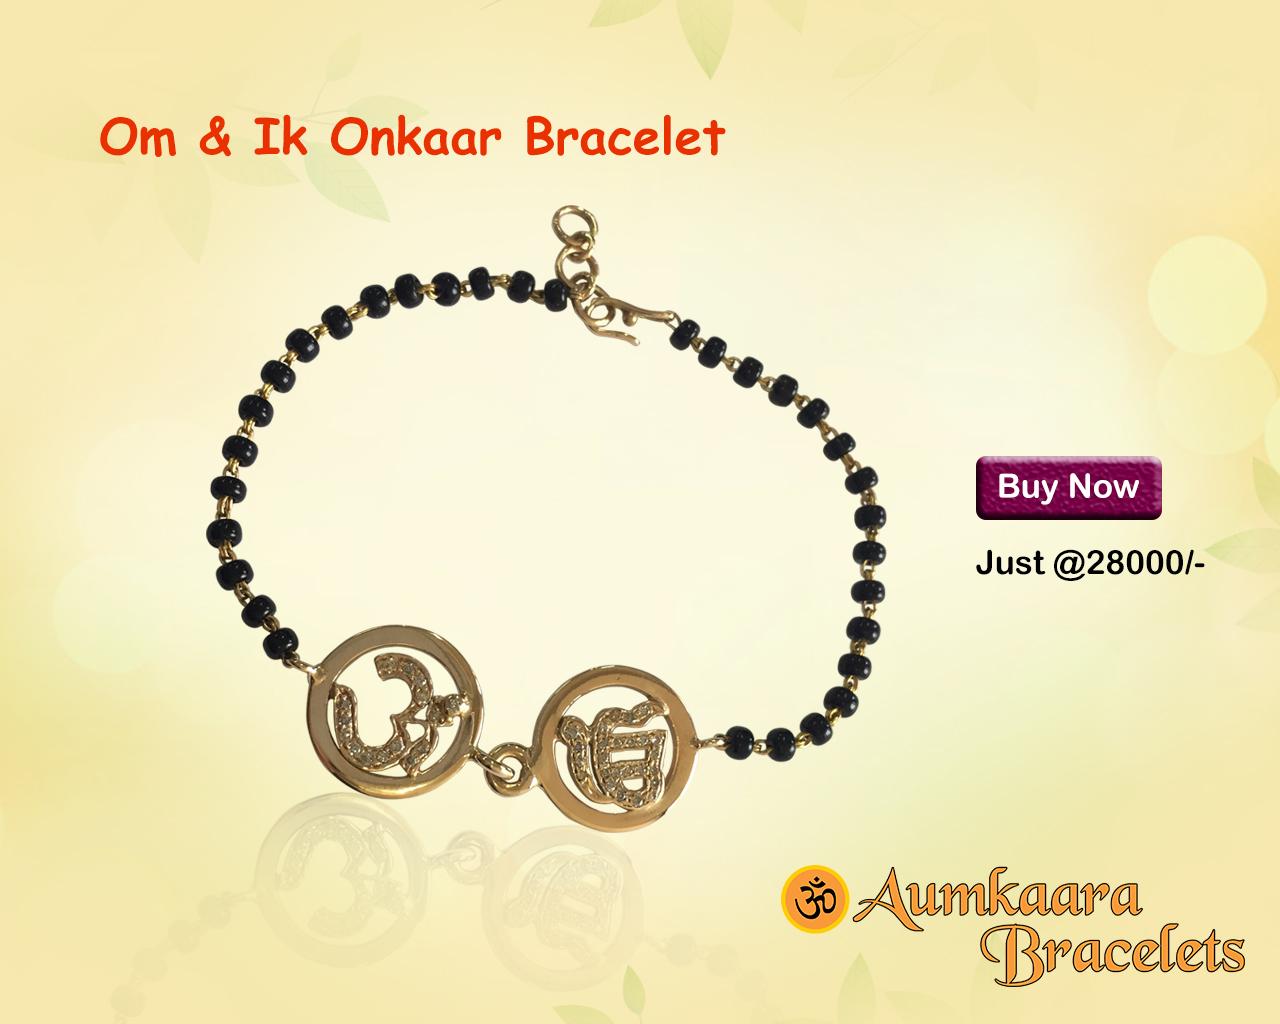 Om & Ik Onkaar Joint Bracelet In Gold On Mangal Sutra Chain